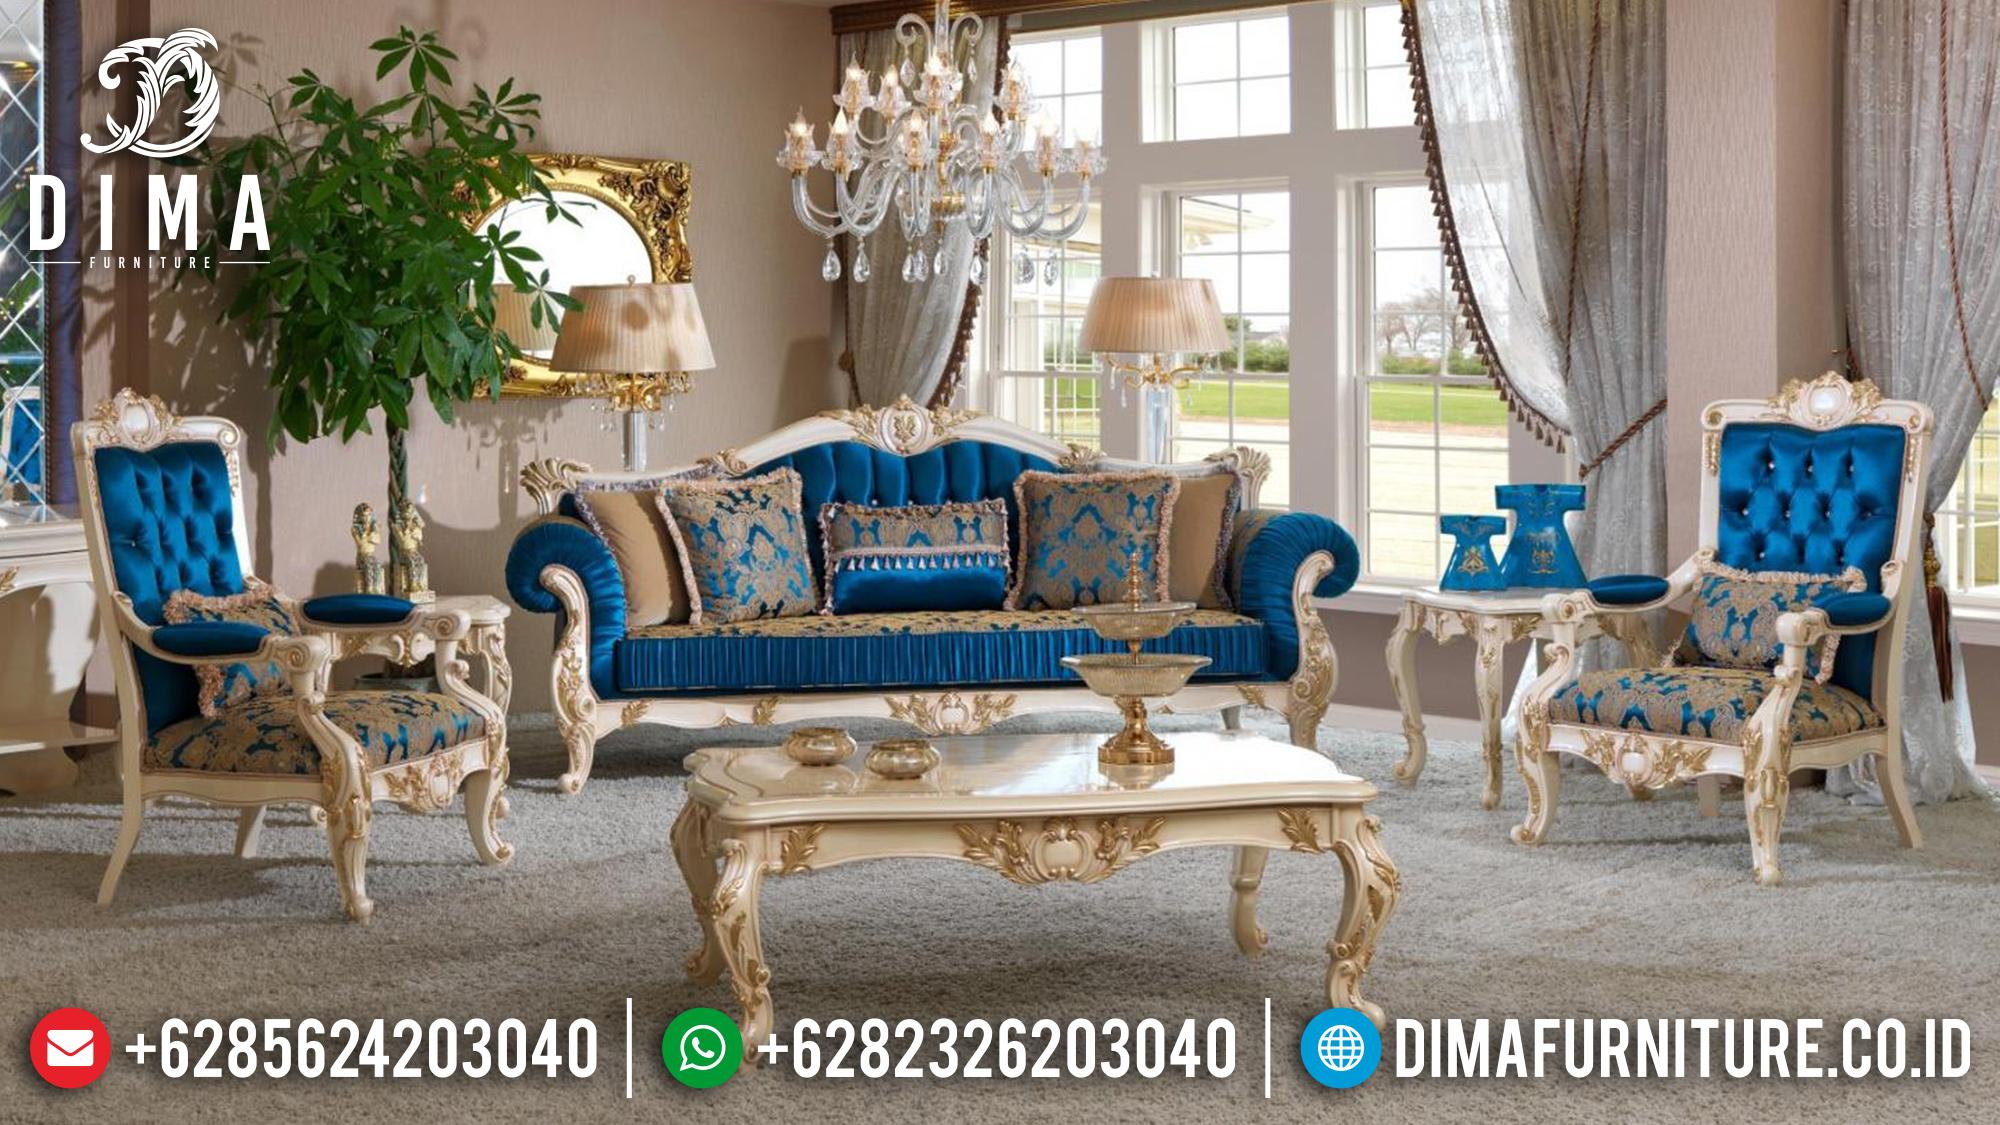 Erciyes Set Sofa Tamu Jepara Ukiran Mewah Duco 3 1 1 MMJ-0142